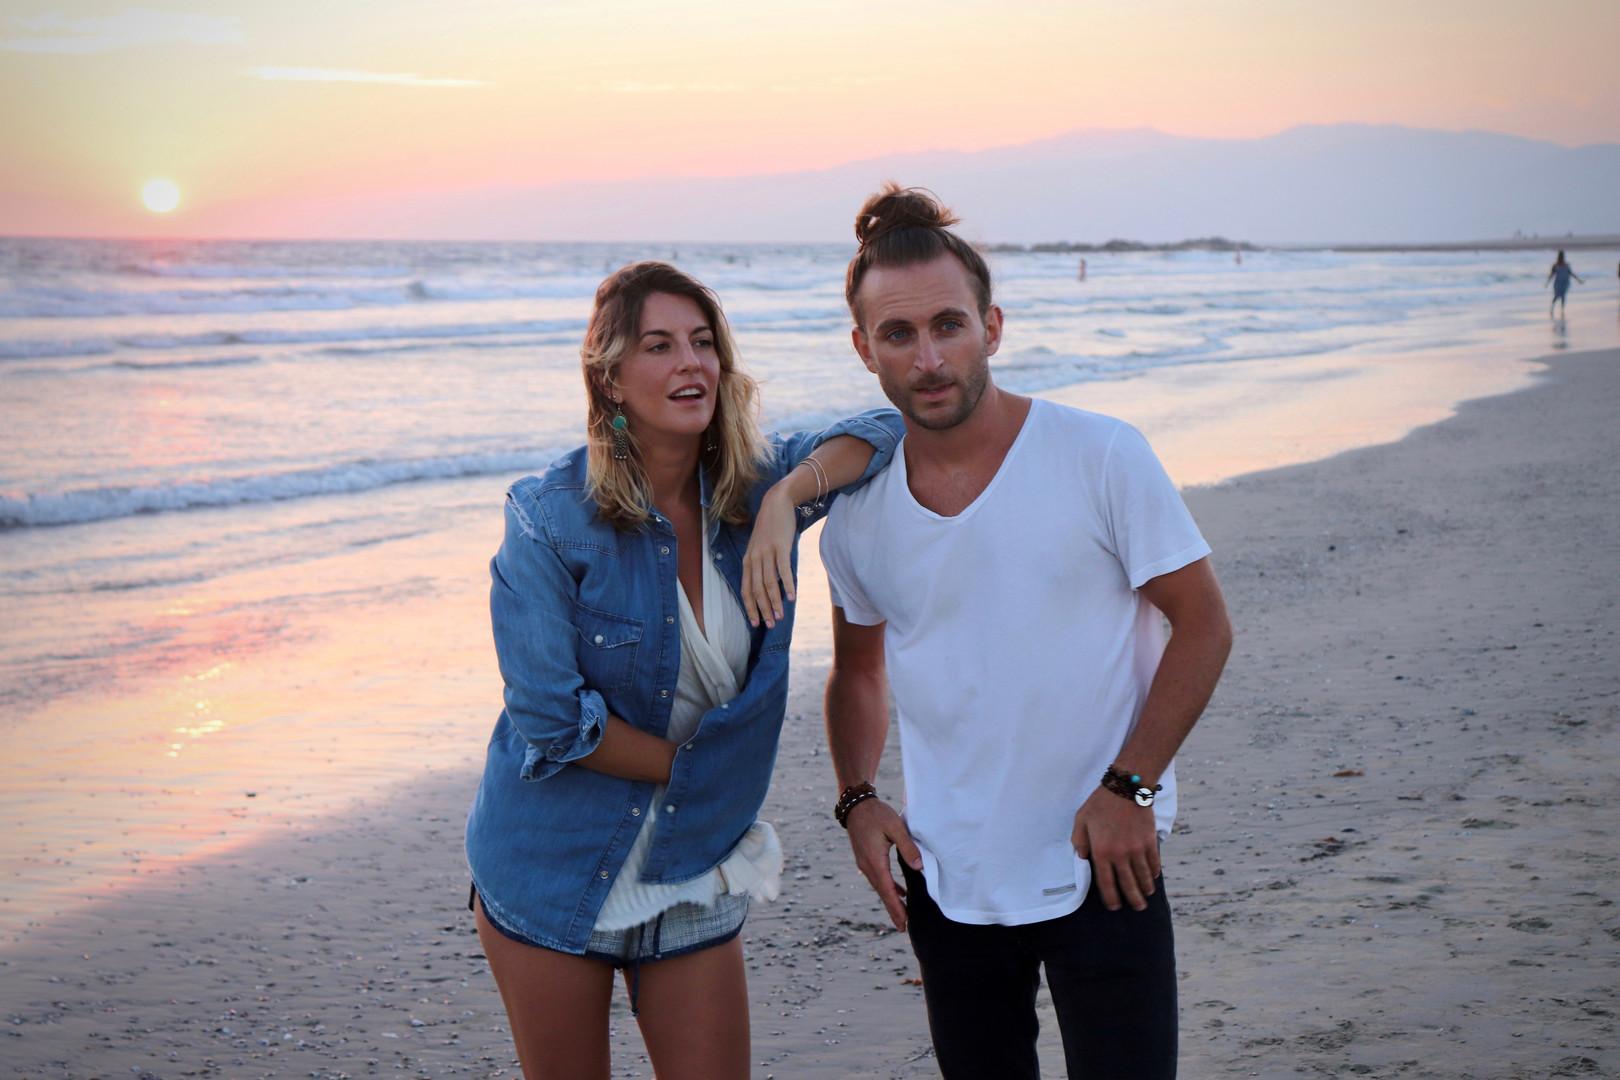 Kevin Paris & Casey Calmenson beach.jpg